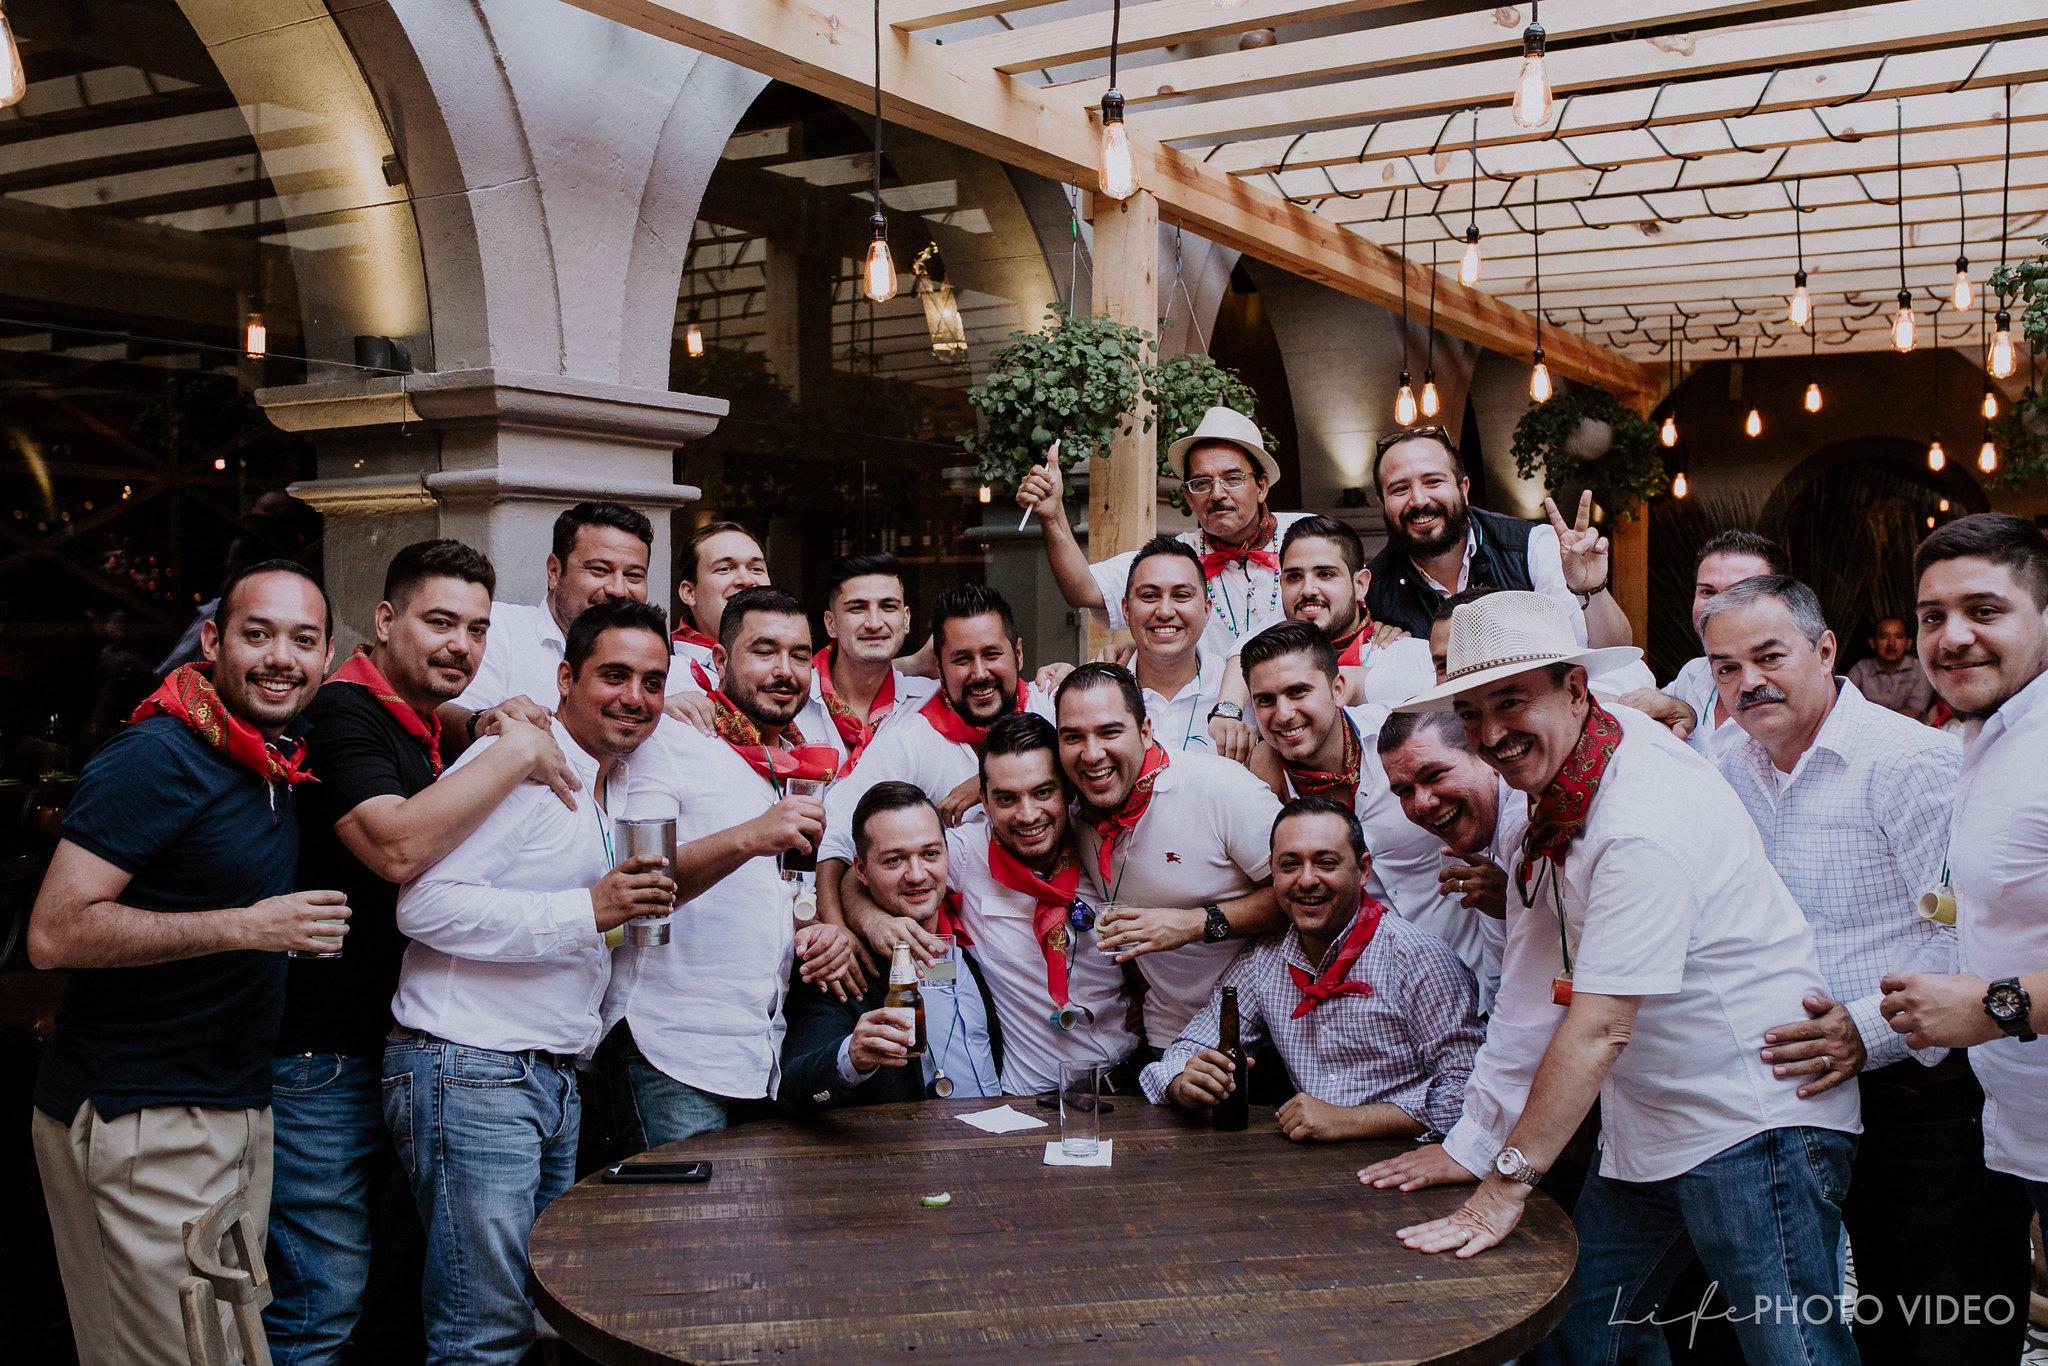 SanMigueldeAllende_Wedding_Callejoneada_Vaquillada_0089